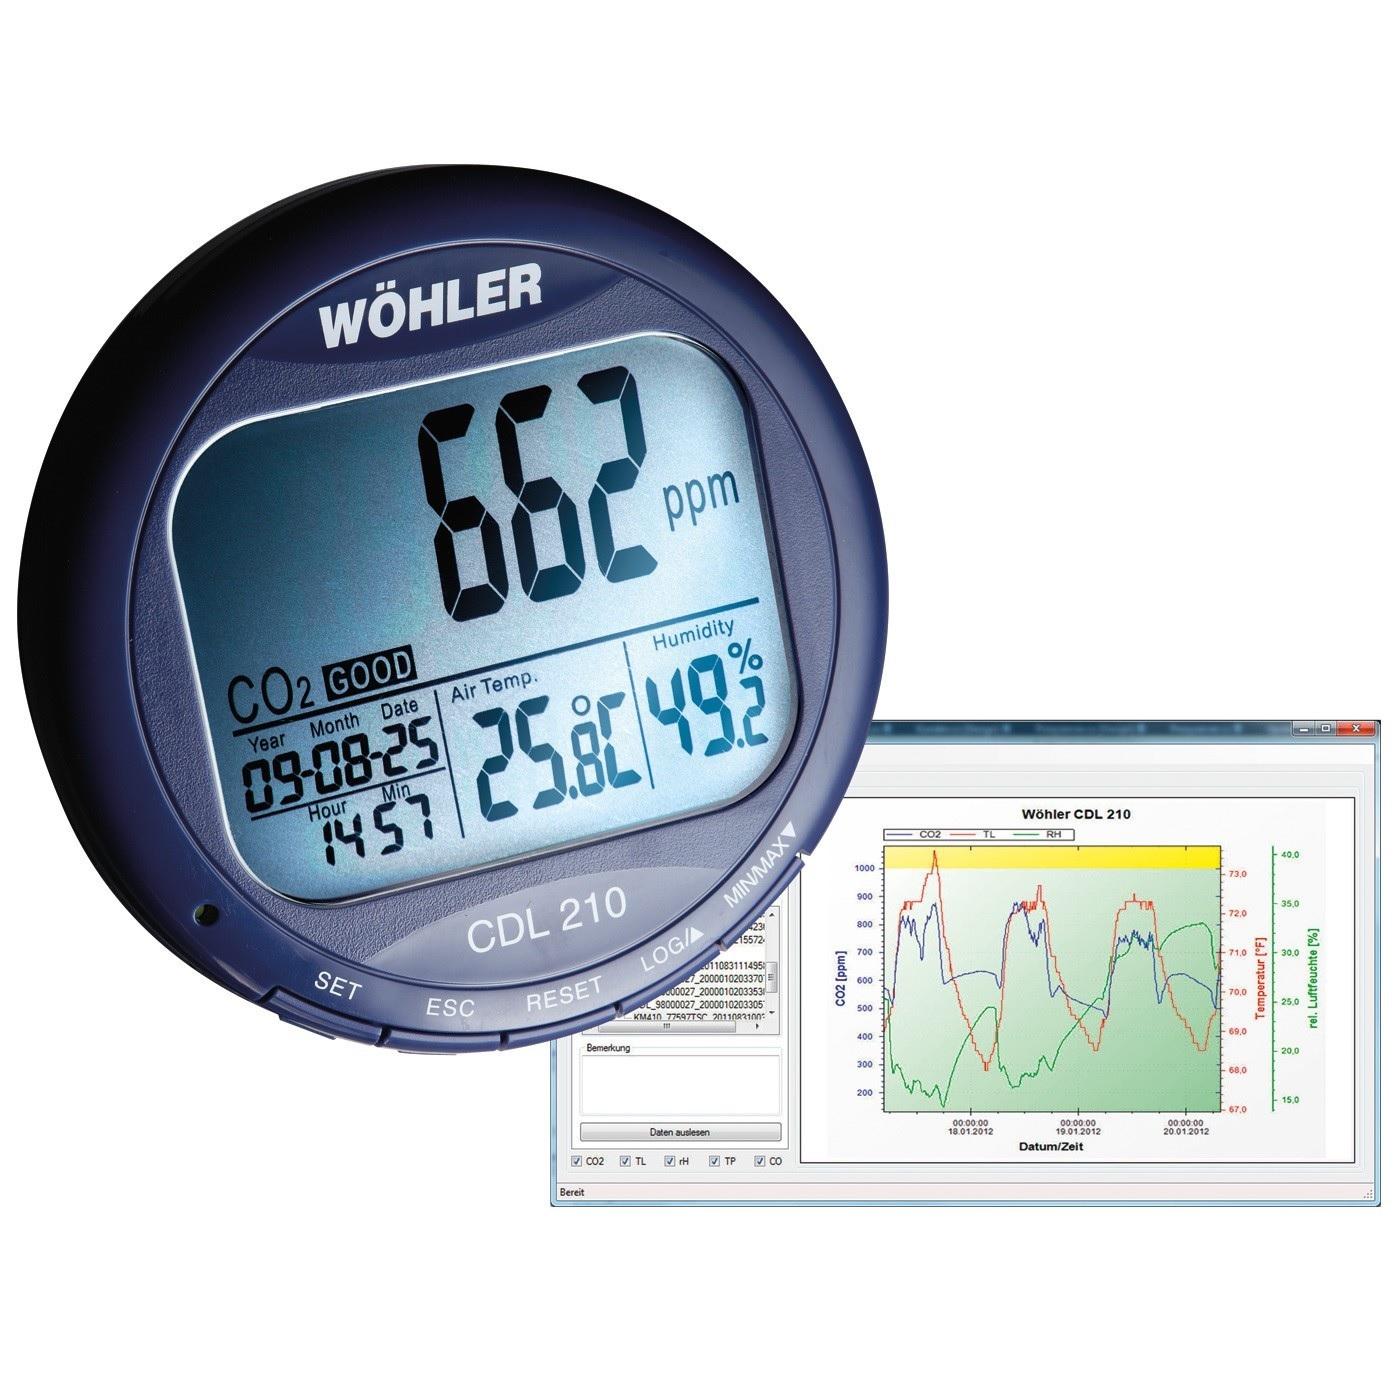 Registrador de datos con visor de la calidad del aire interior (IAQ) MFCDL-210  con alarmas Wöhler